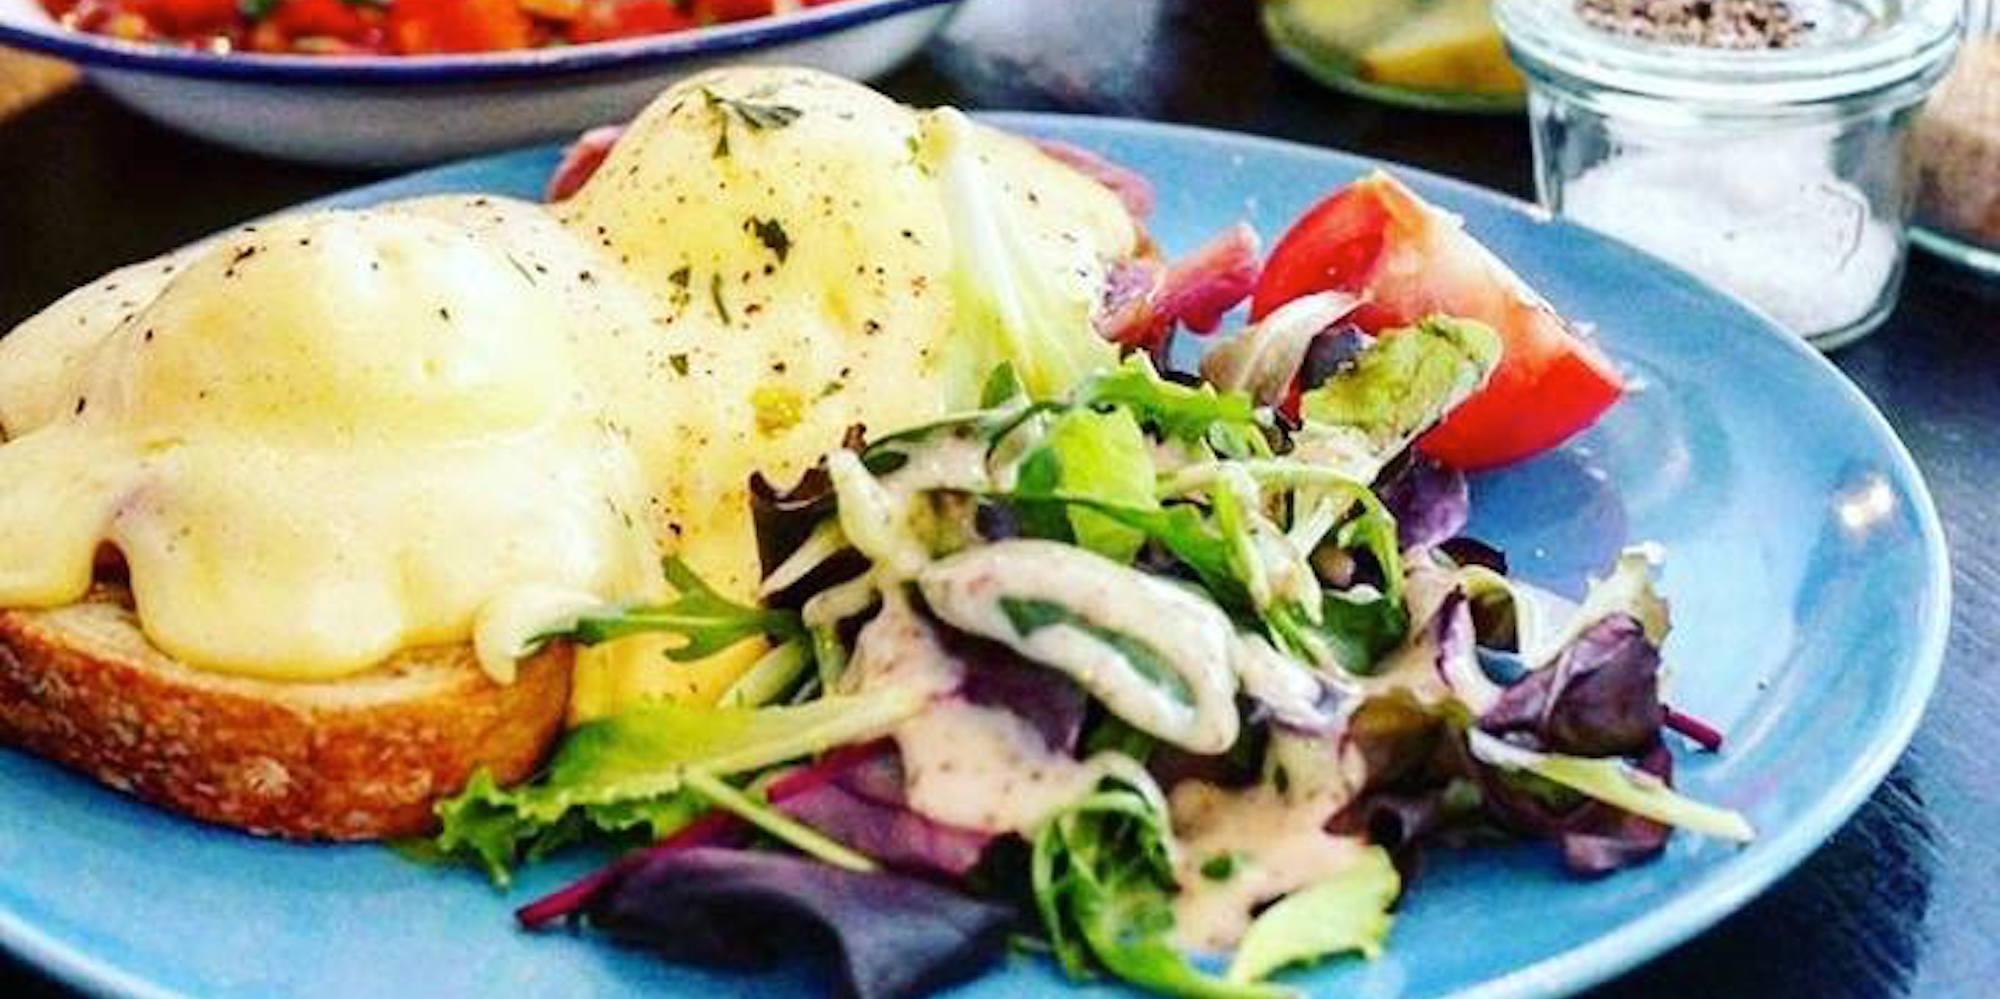 Brunch Allan's Breakfast Club (10405 Berlin)